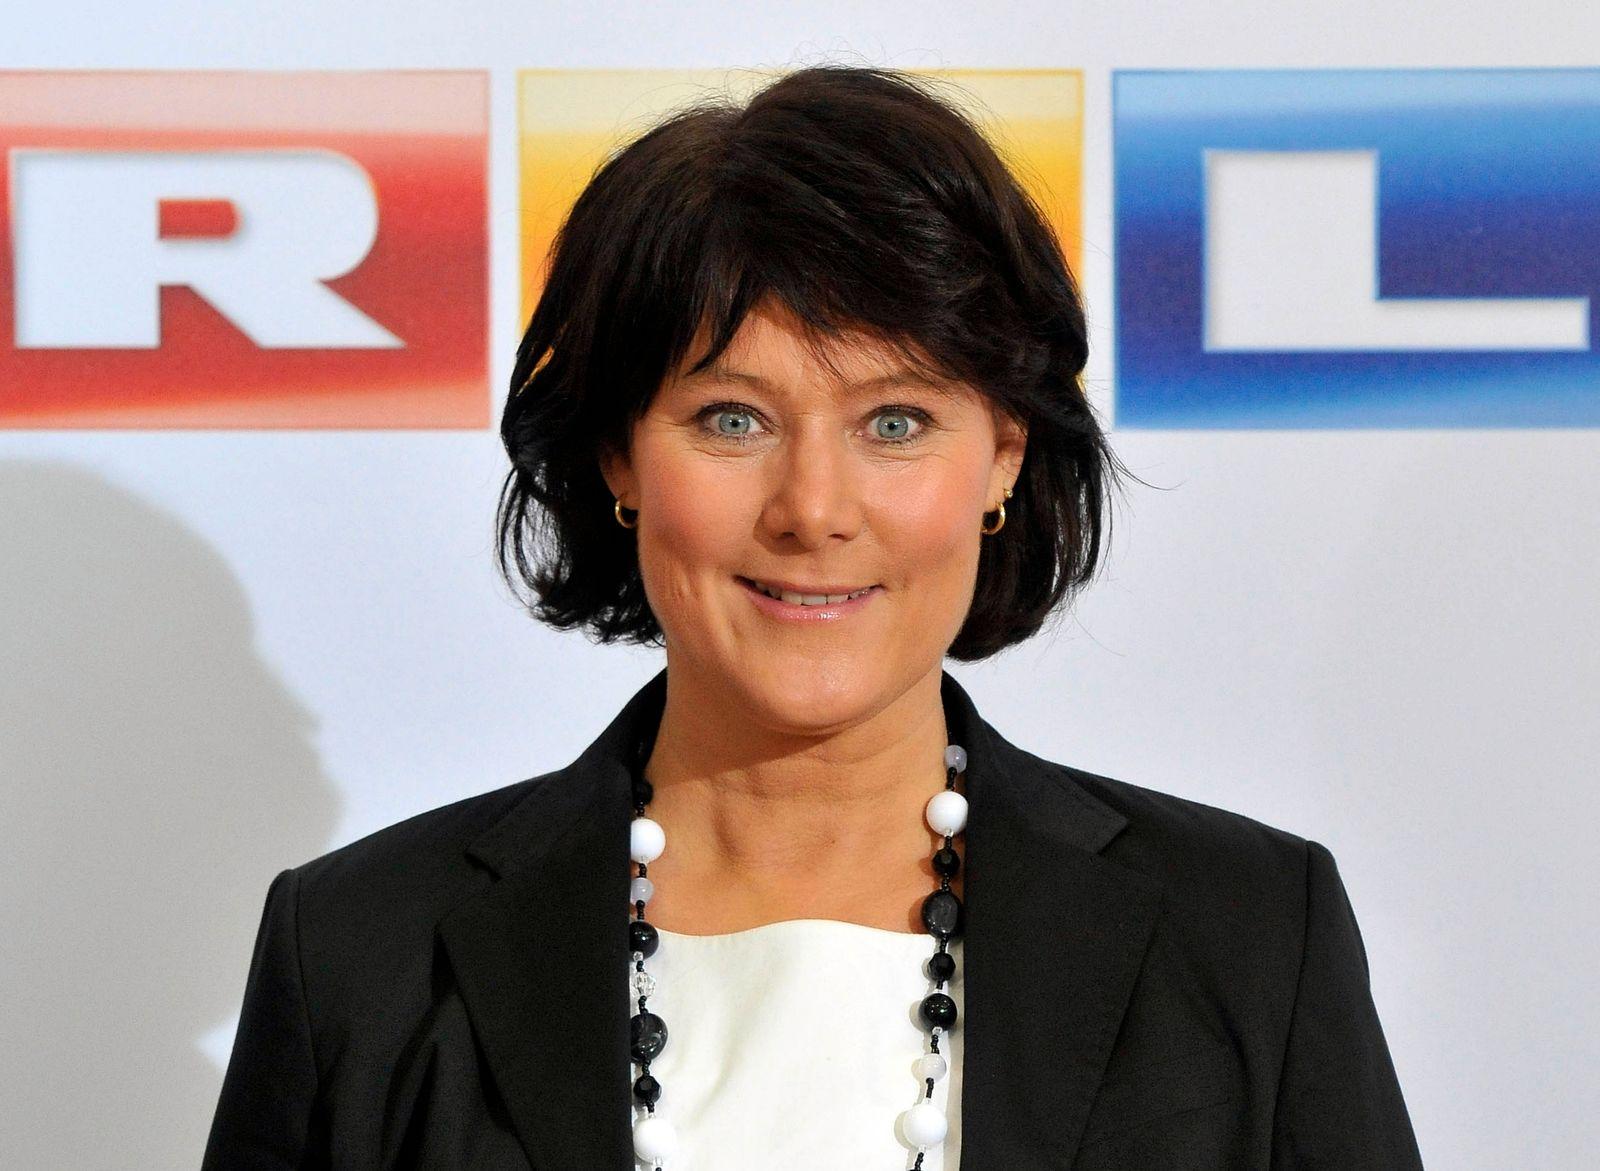 RTL Chefin Anke Schäferkordt